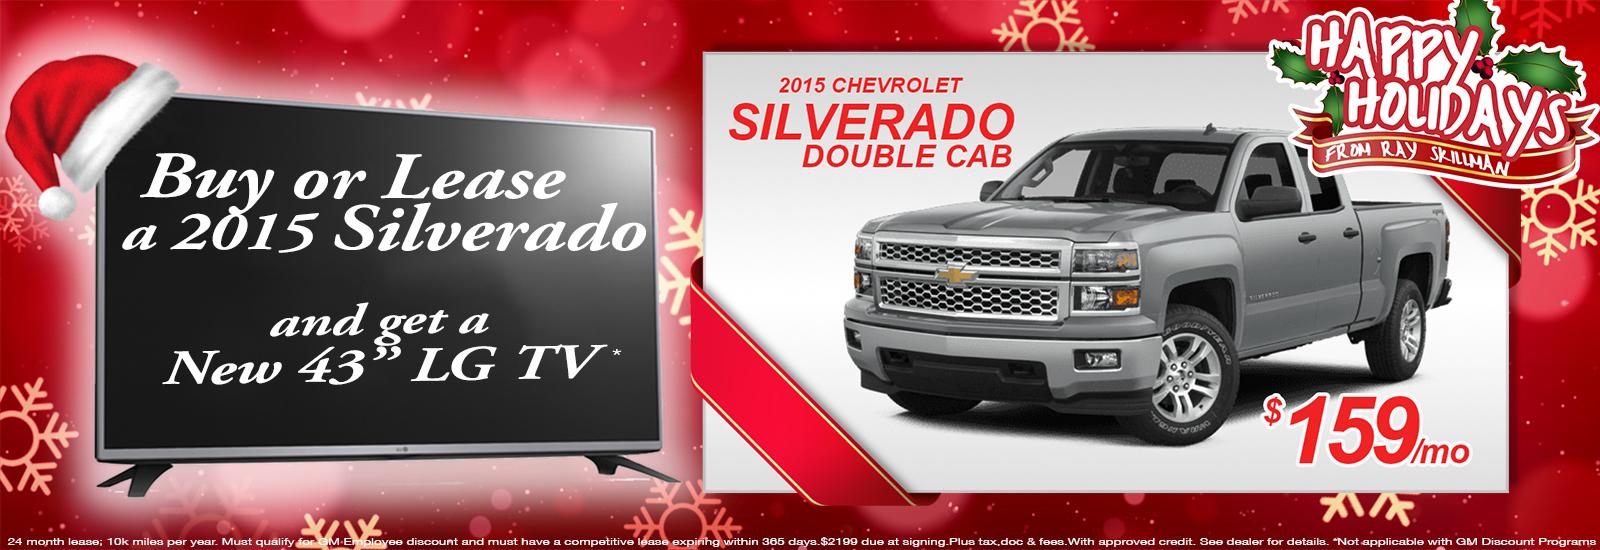 2015 Silverado Get a new TV